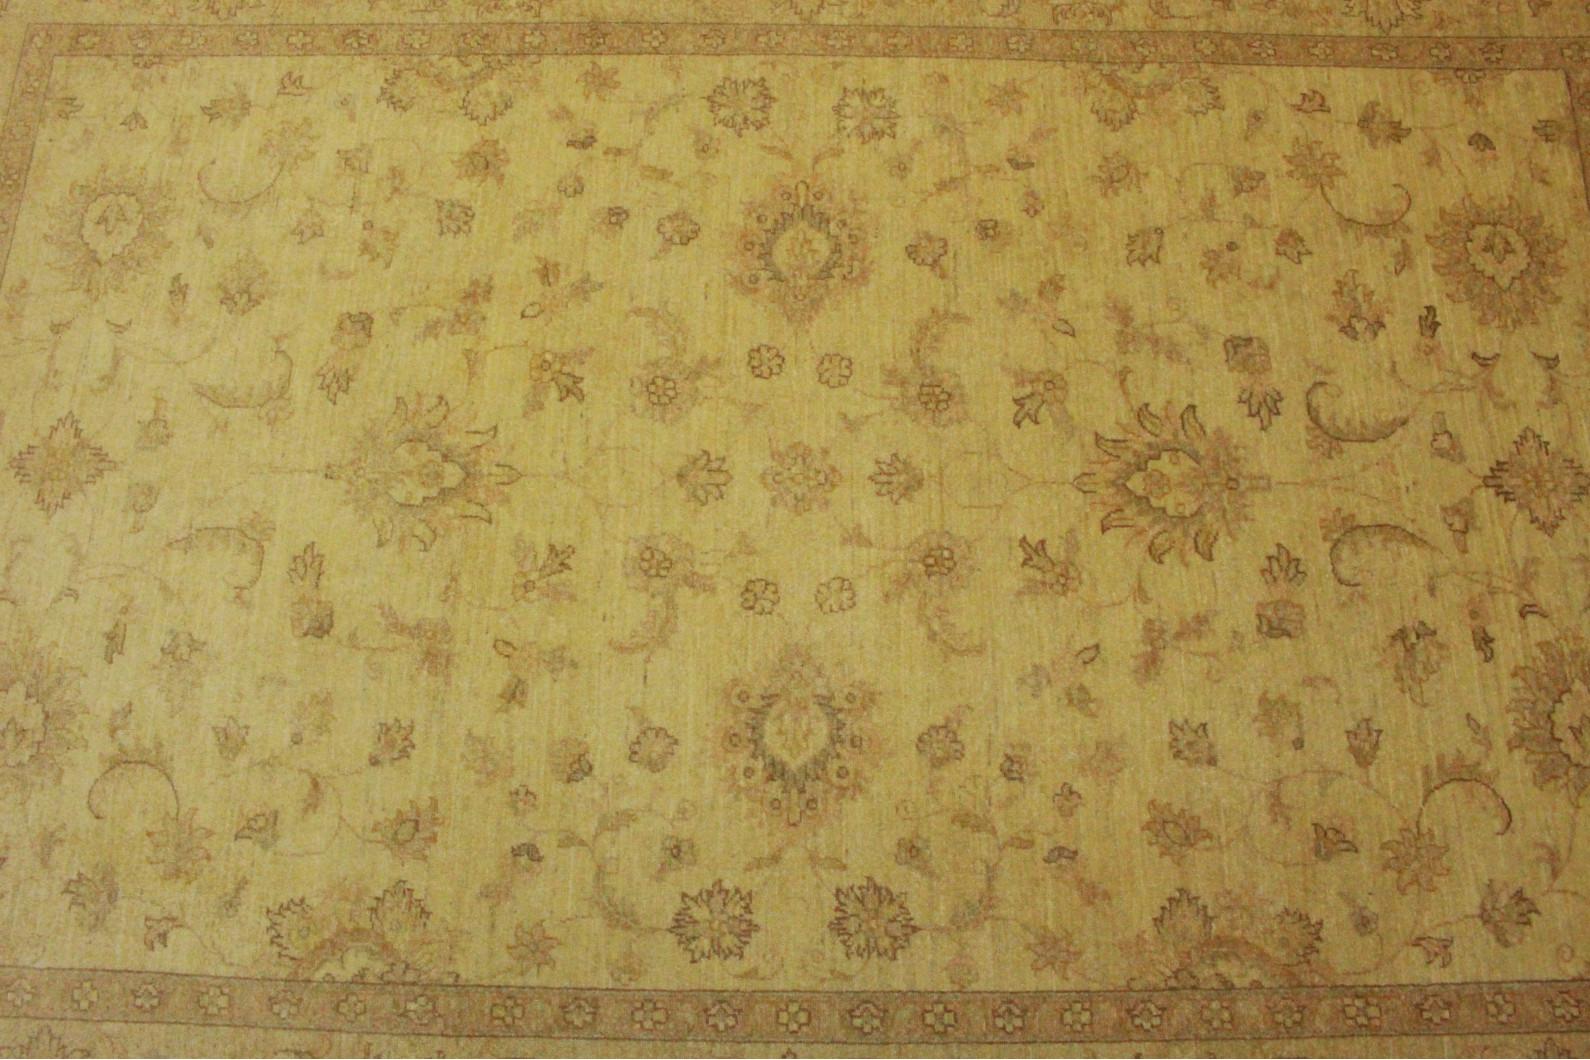 Ziegler teppiche  Ziegler Teppich Beige in 300x200 (5001-856) bei carpetido.de kaufen